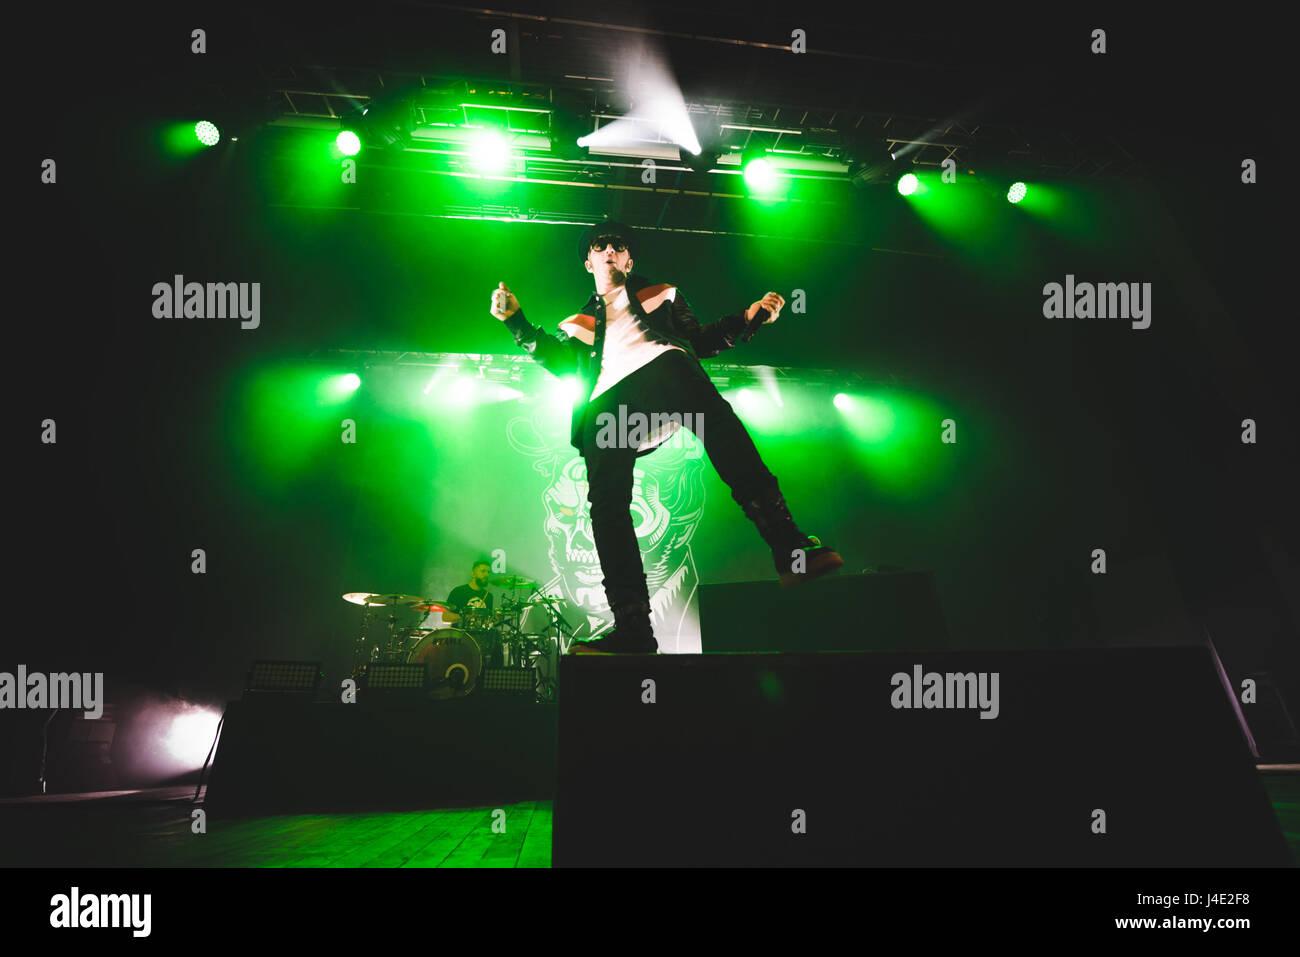 May 11, 2017: the italian rapper Salmo performing live on stage at the Teatro della Concordia in Venaria, near Torino. Stock Photo